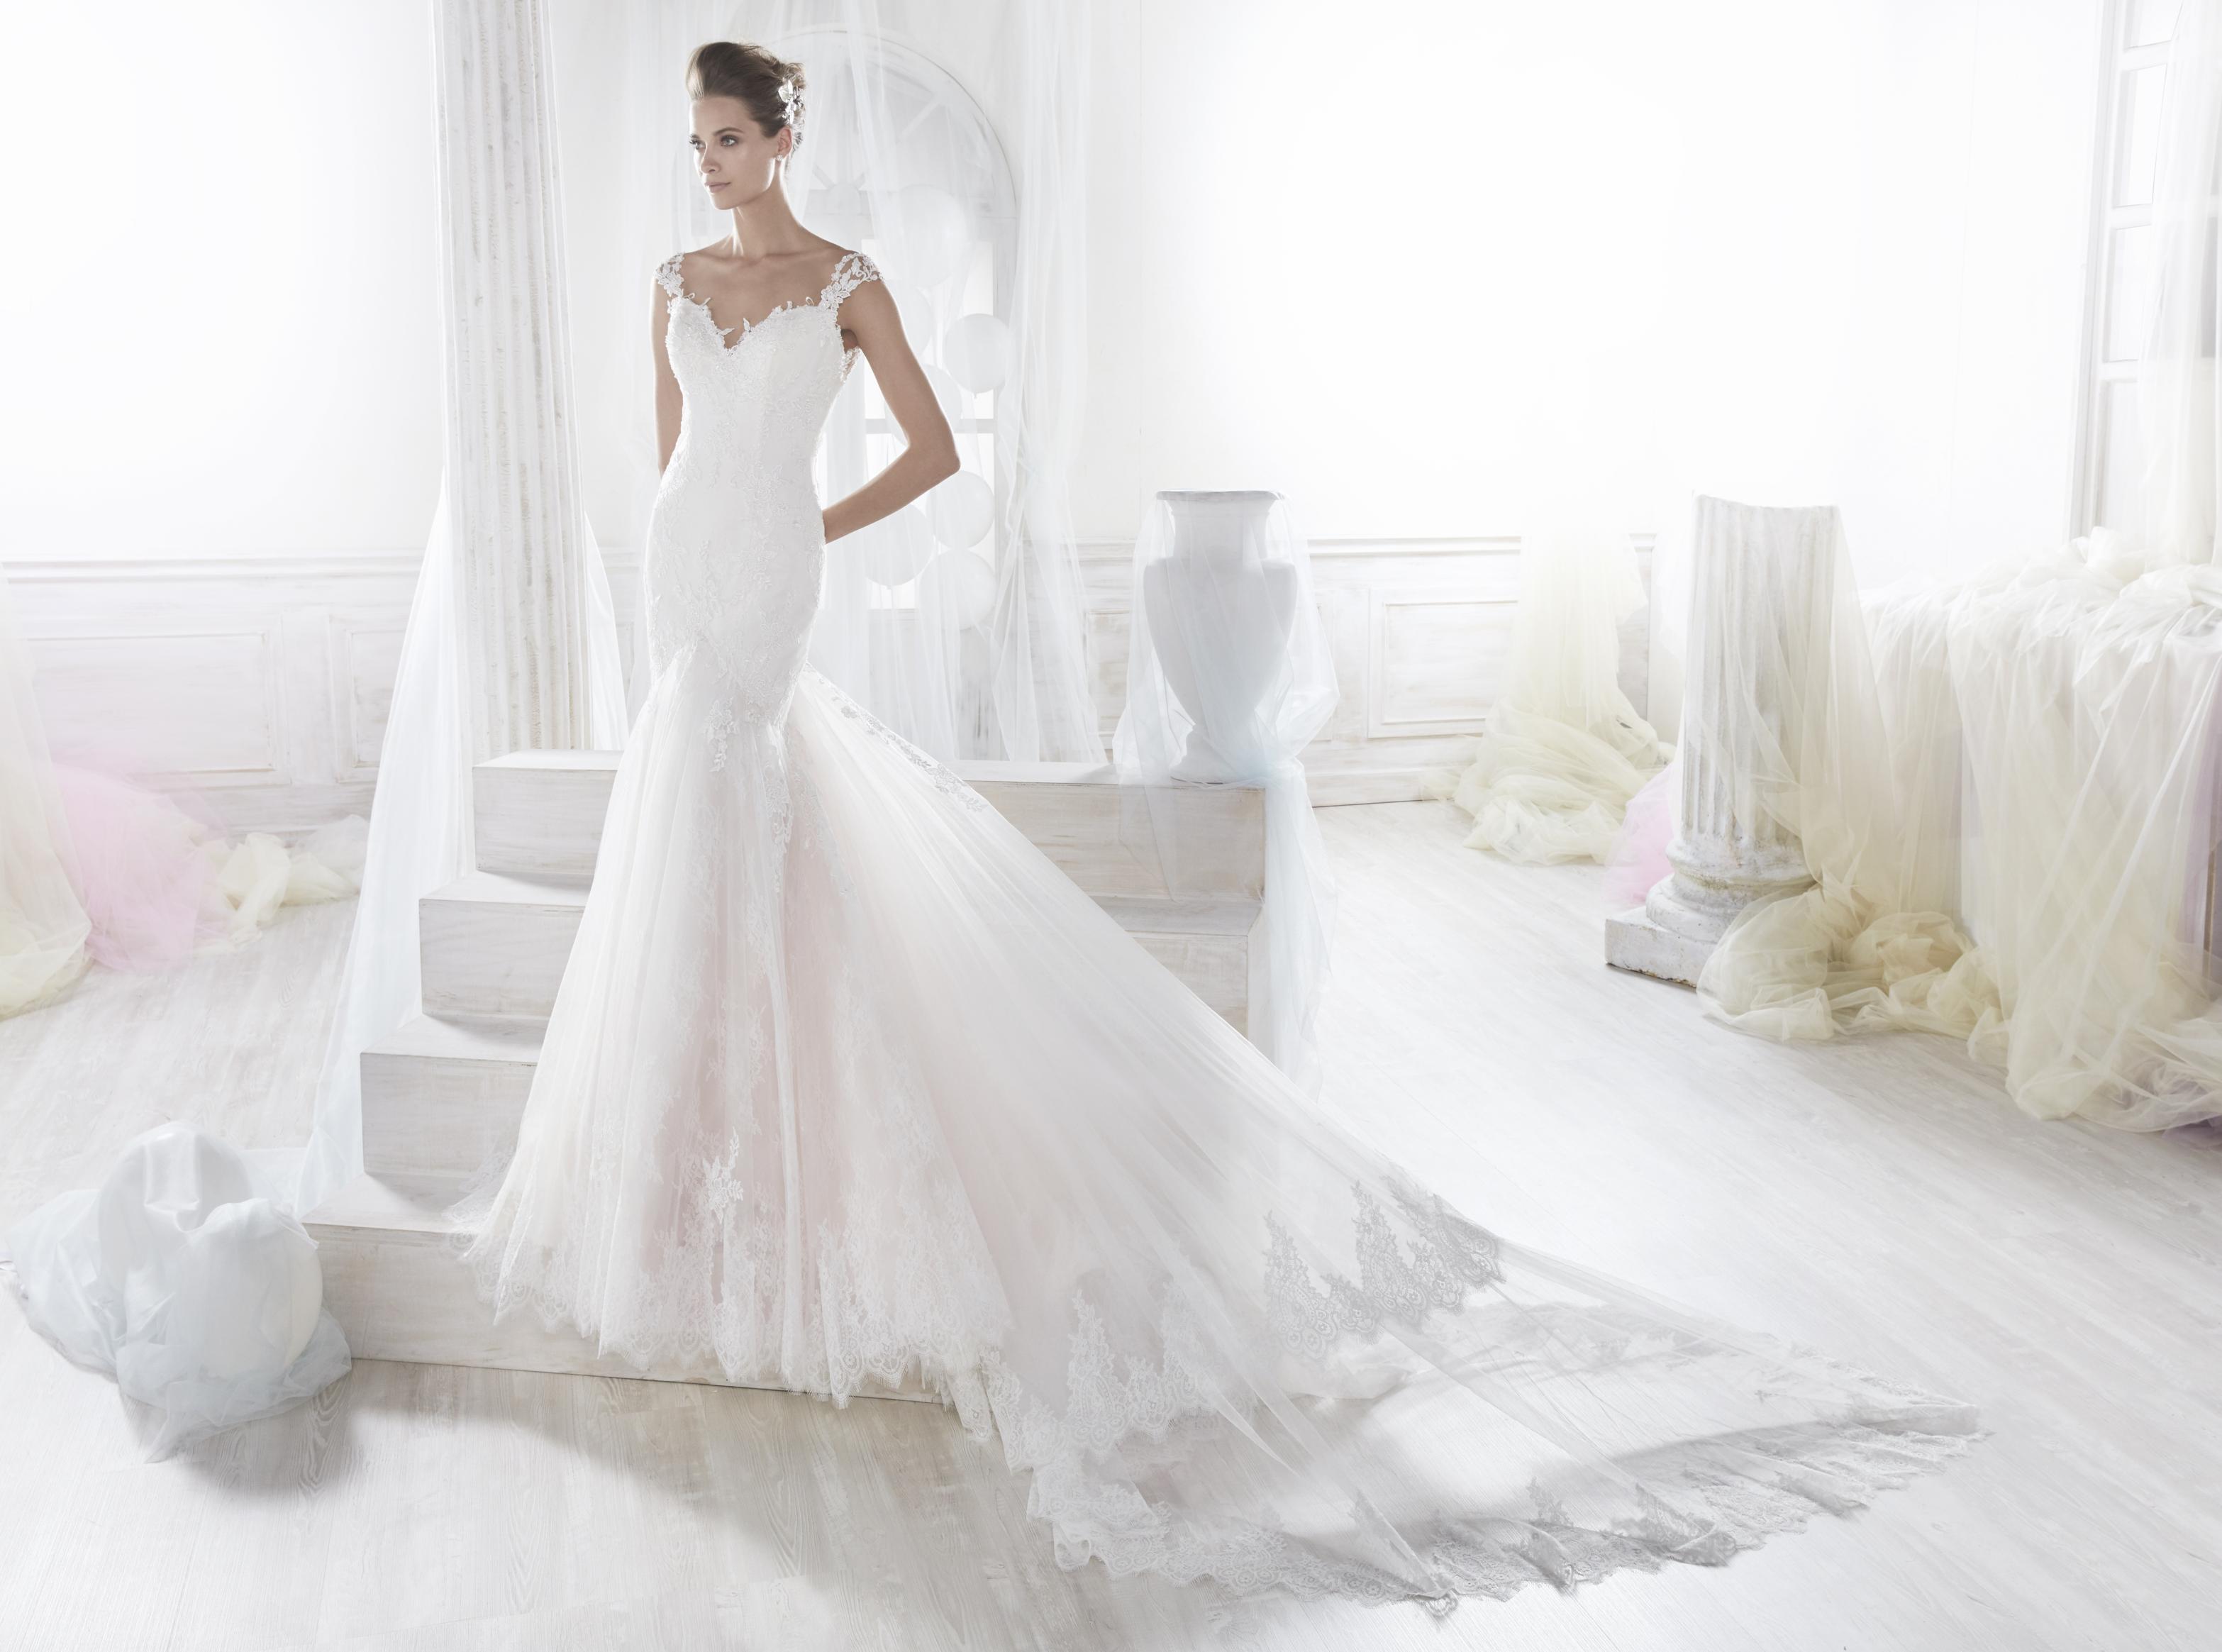 Nicole 18096 abiti da sposa il giardino della sposa - Il giardino della sposa ...